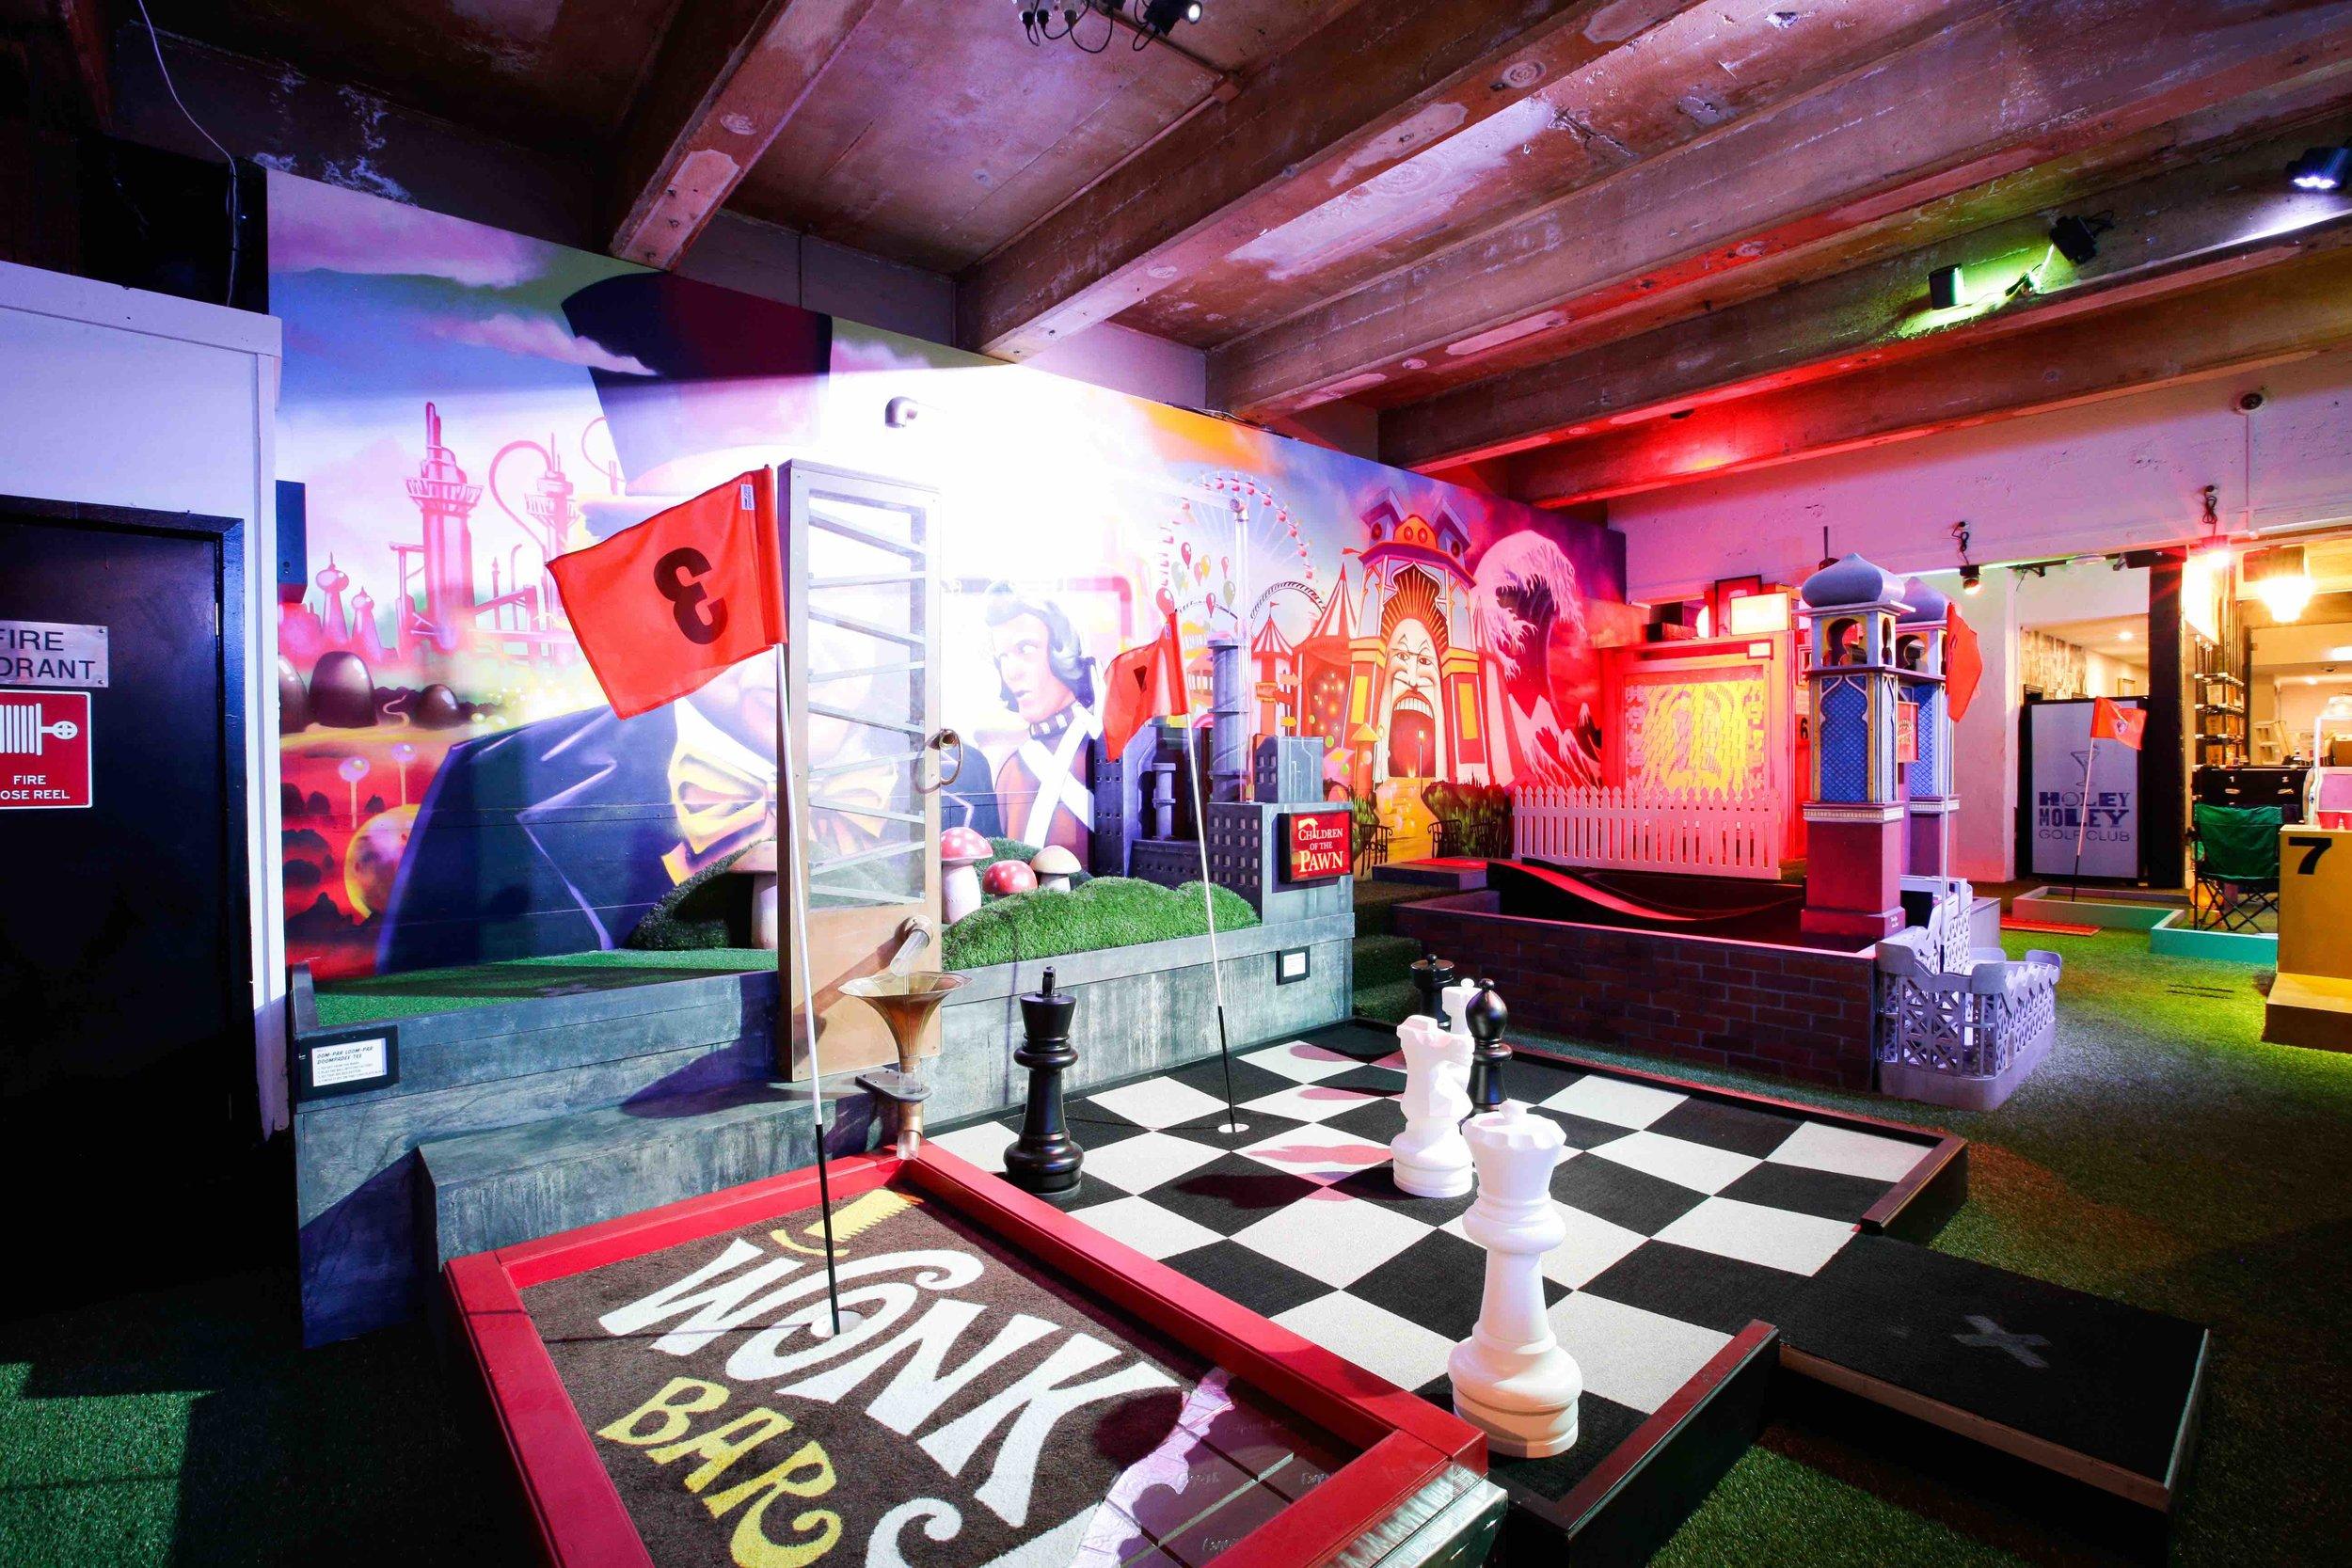 holey-moley-golf-club-launch-2017-interior-willy-wonk-bar.jpeg